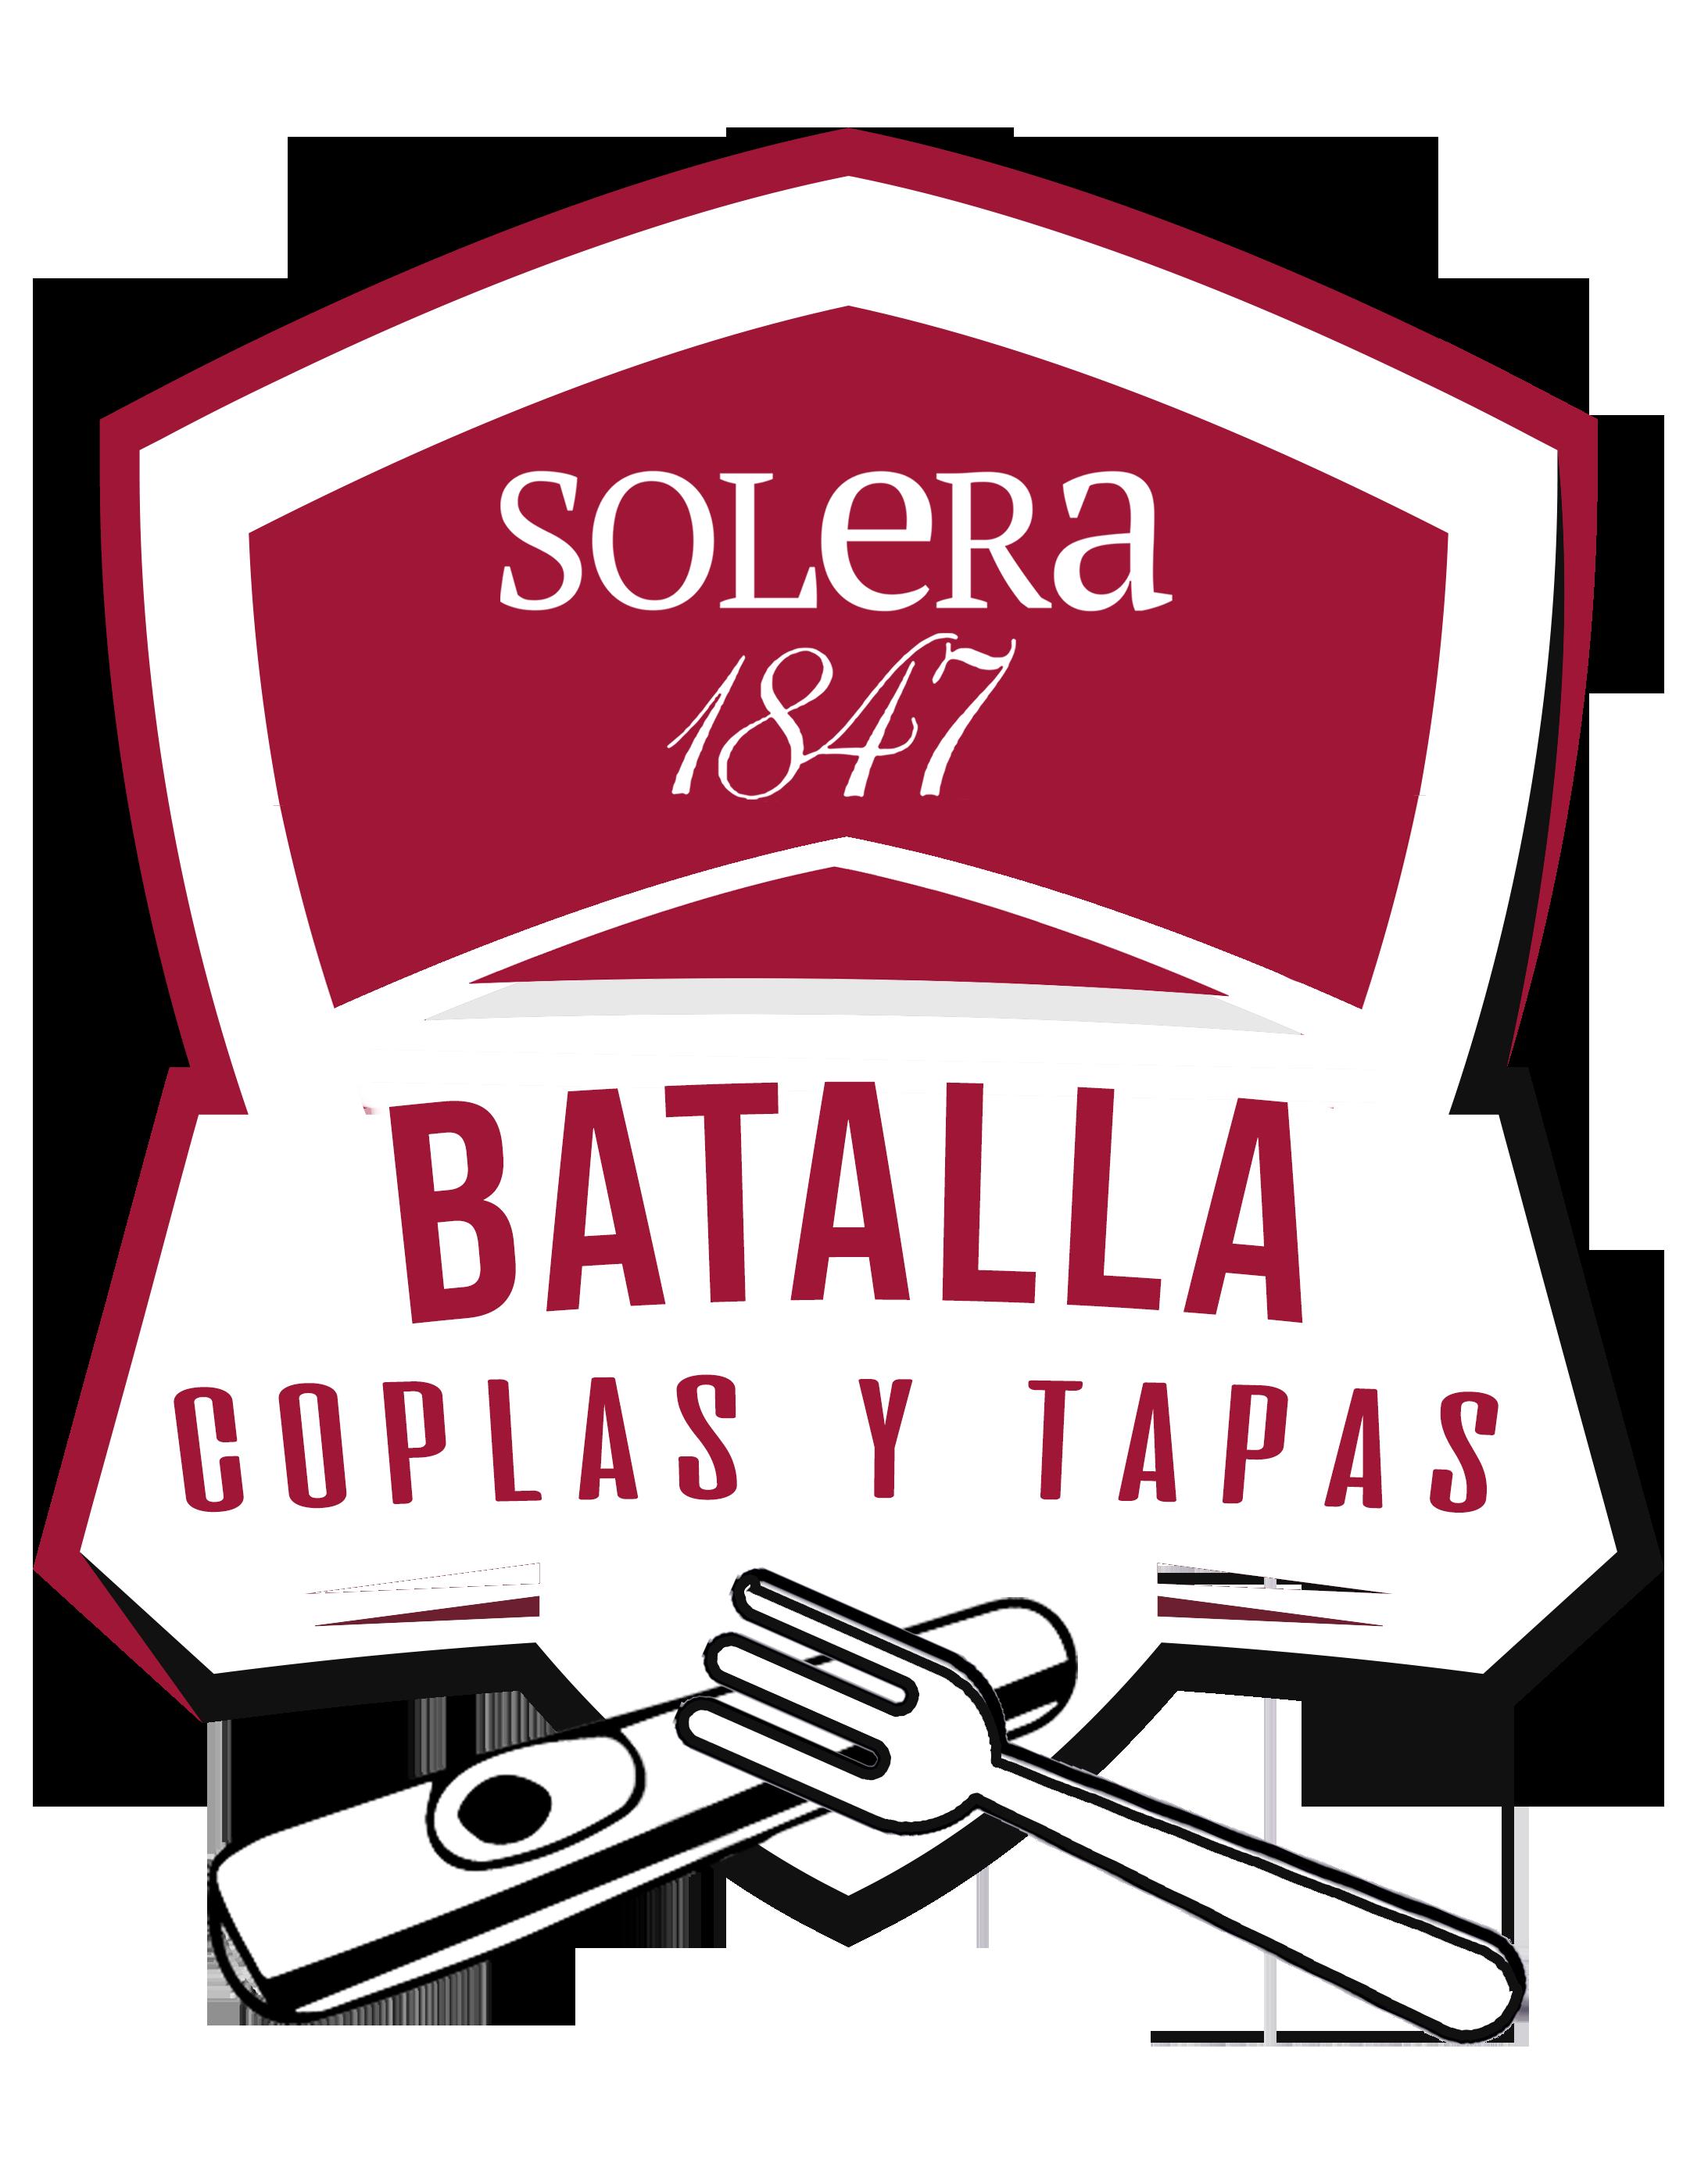 Batalla Coplas y Tapas